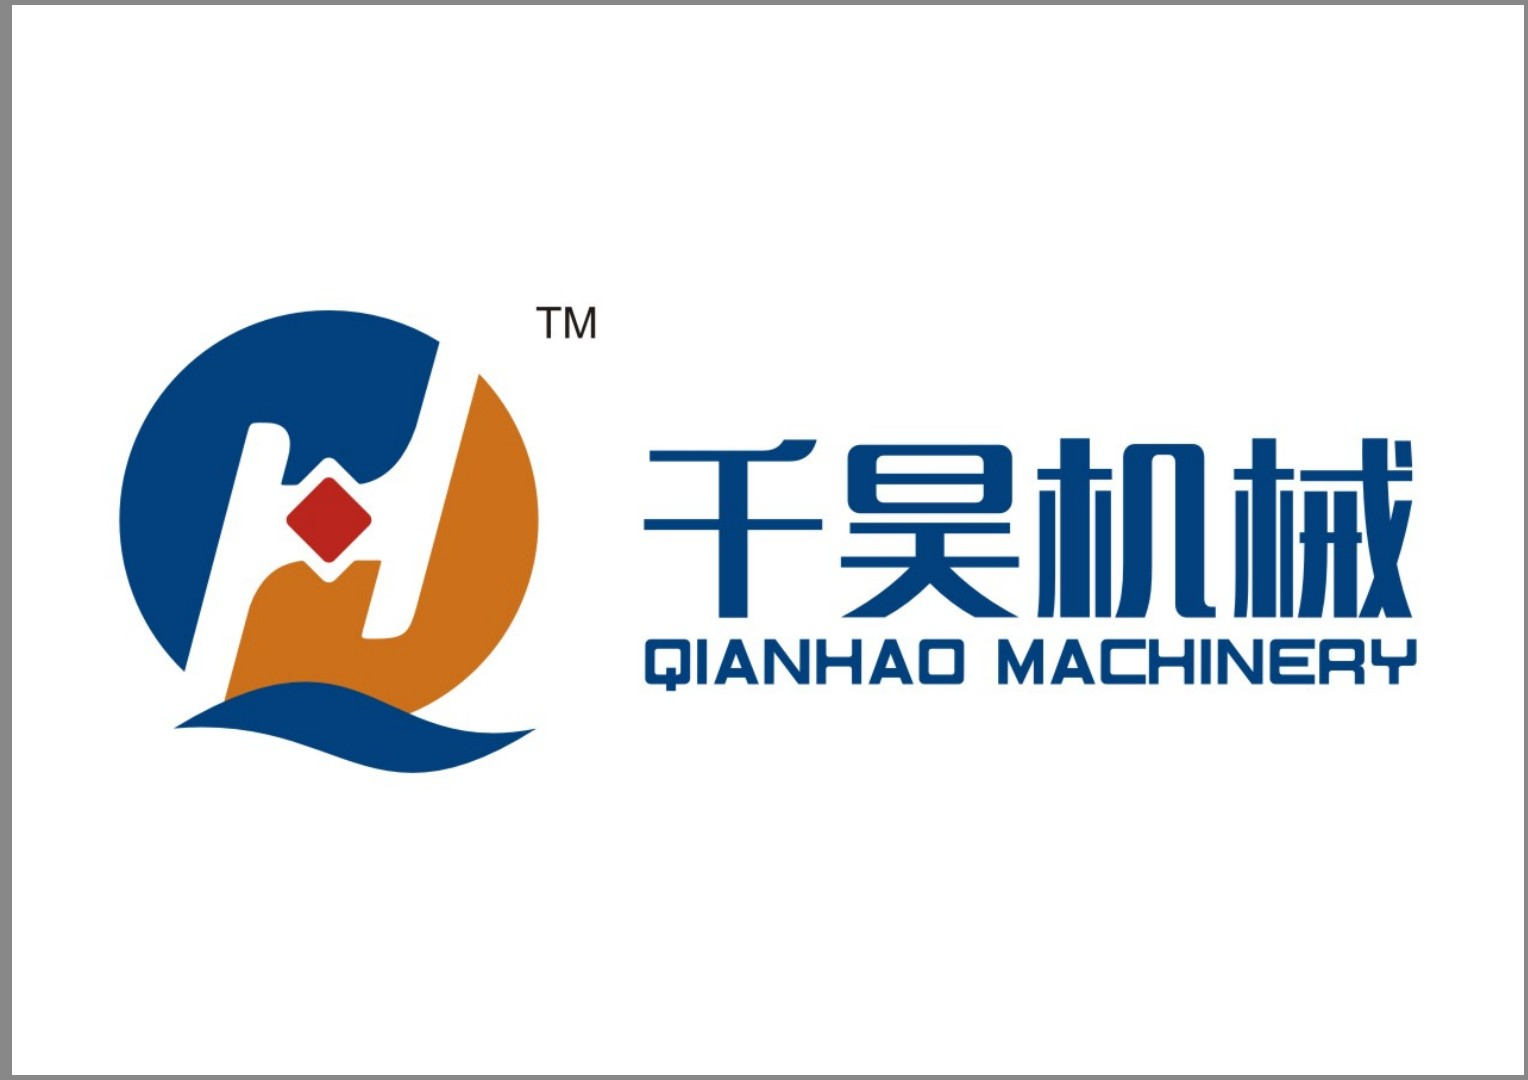 温州市千昊机械科技有限公司